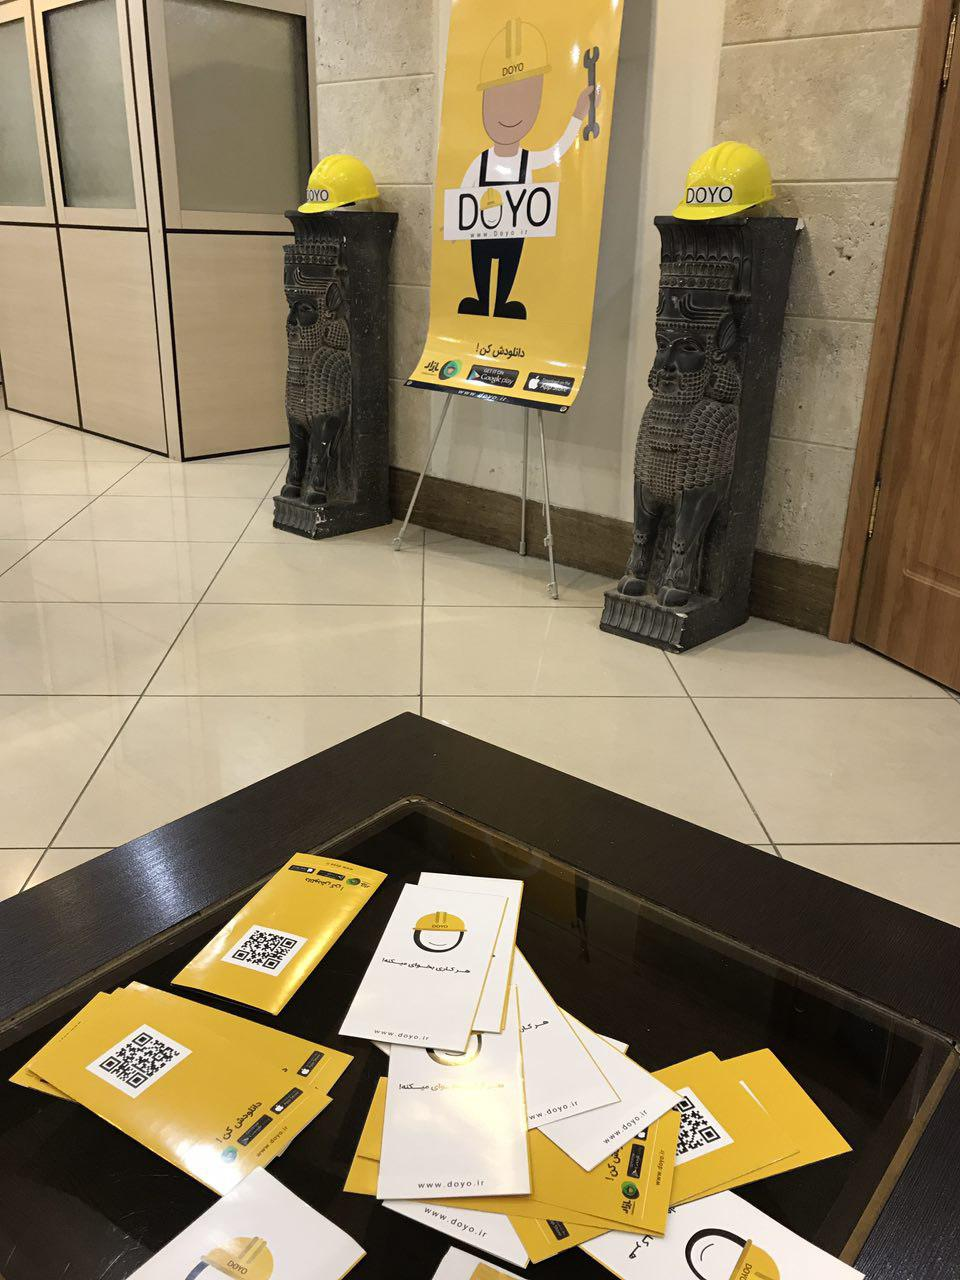 Doyo | سامانه هوشمند درخواست خدمات